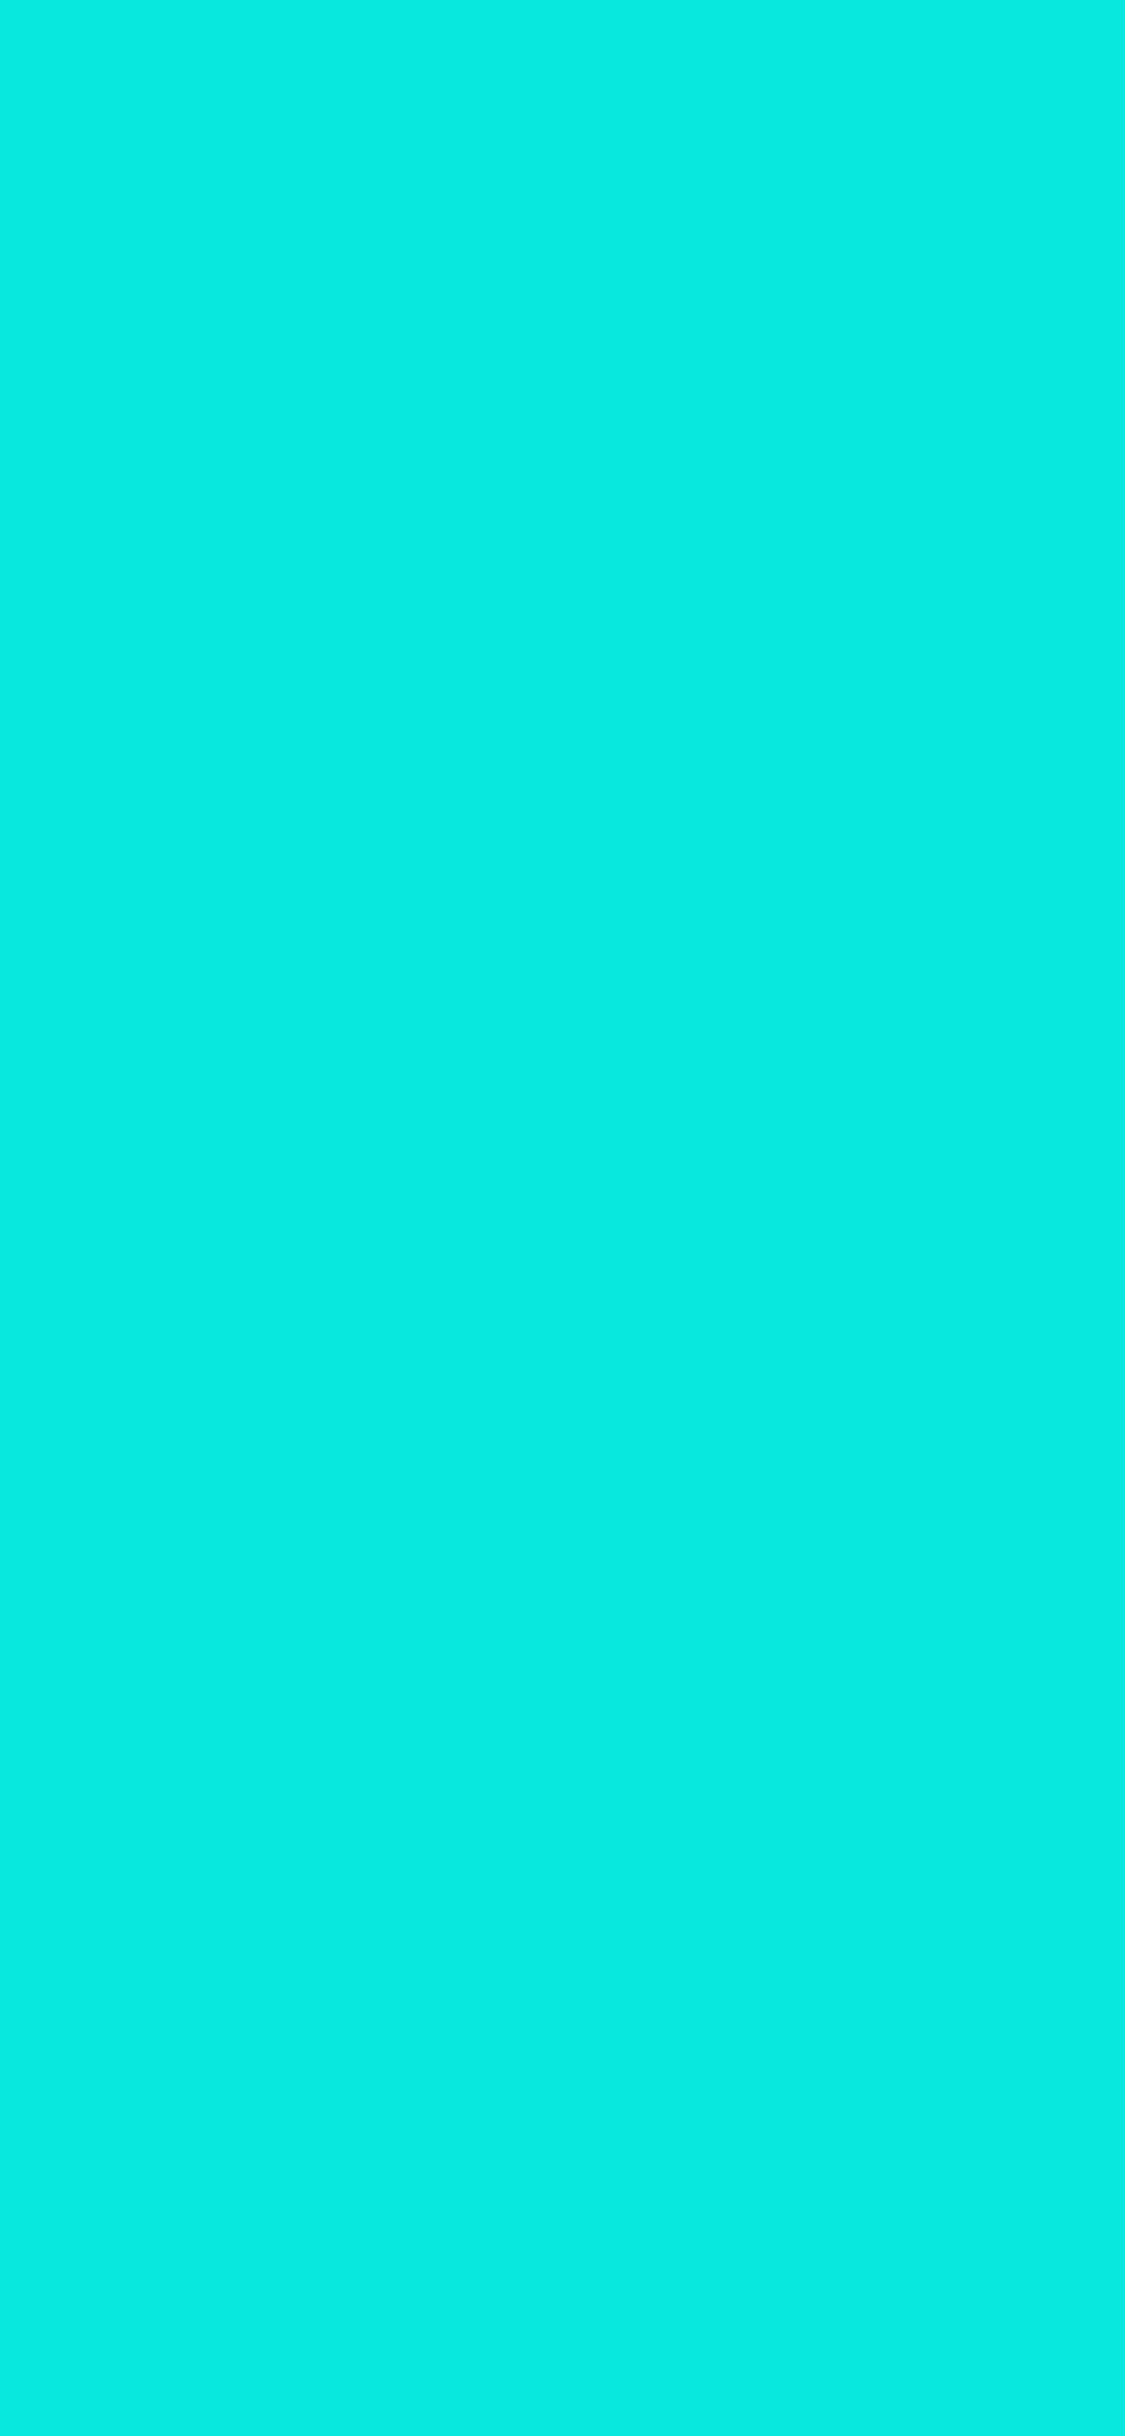 Solid Color Wallpaper Fundos De Cor Solida Fundo Verde Fundo Verde Agua